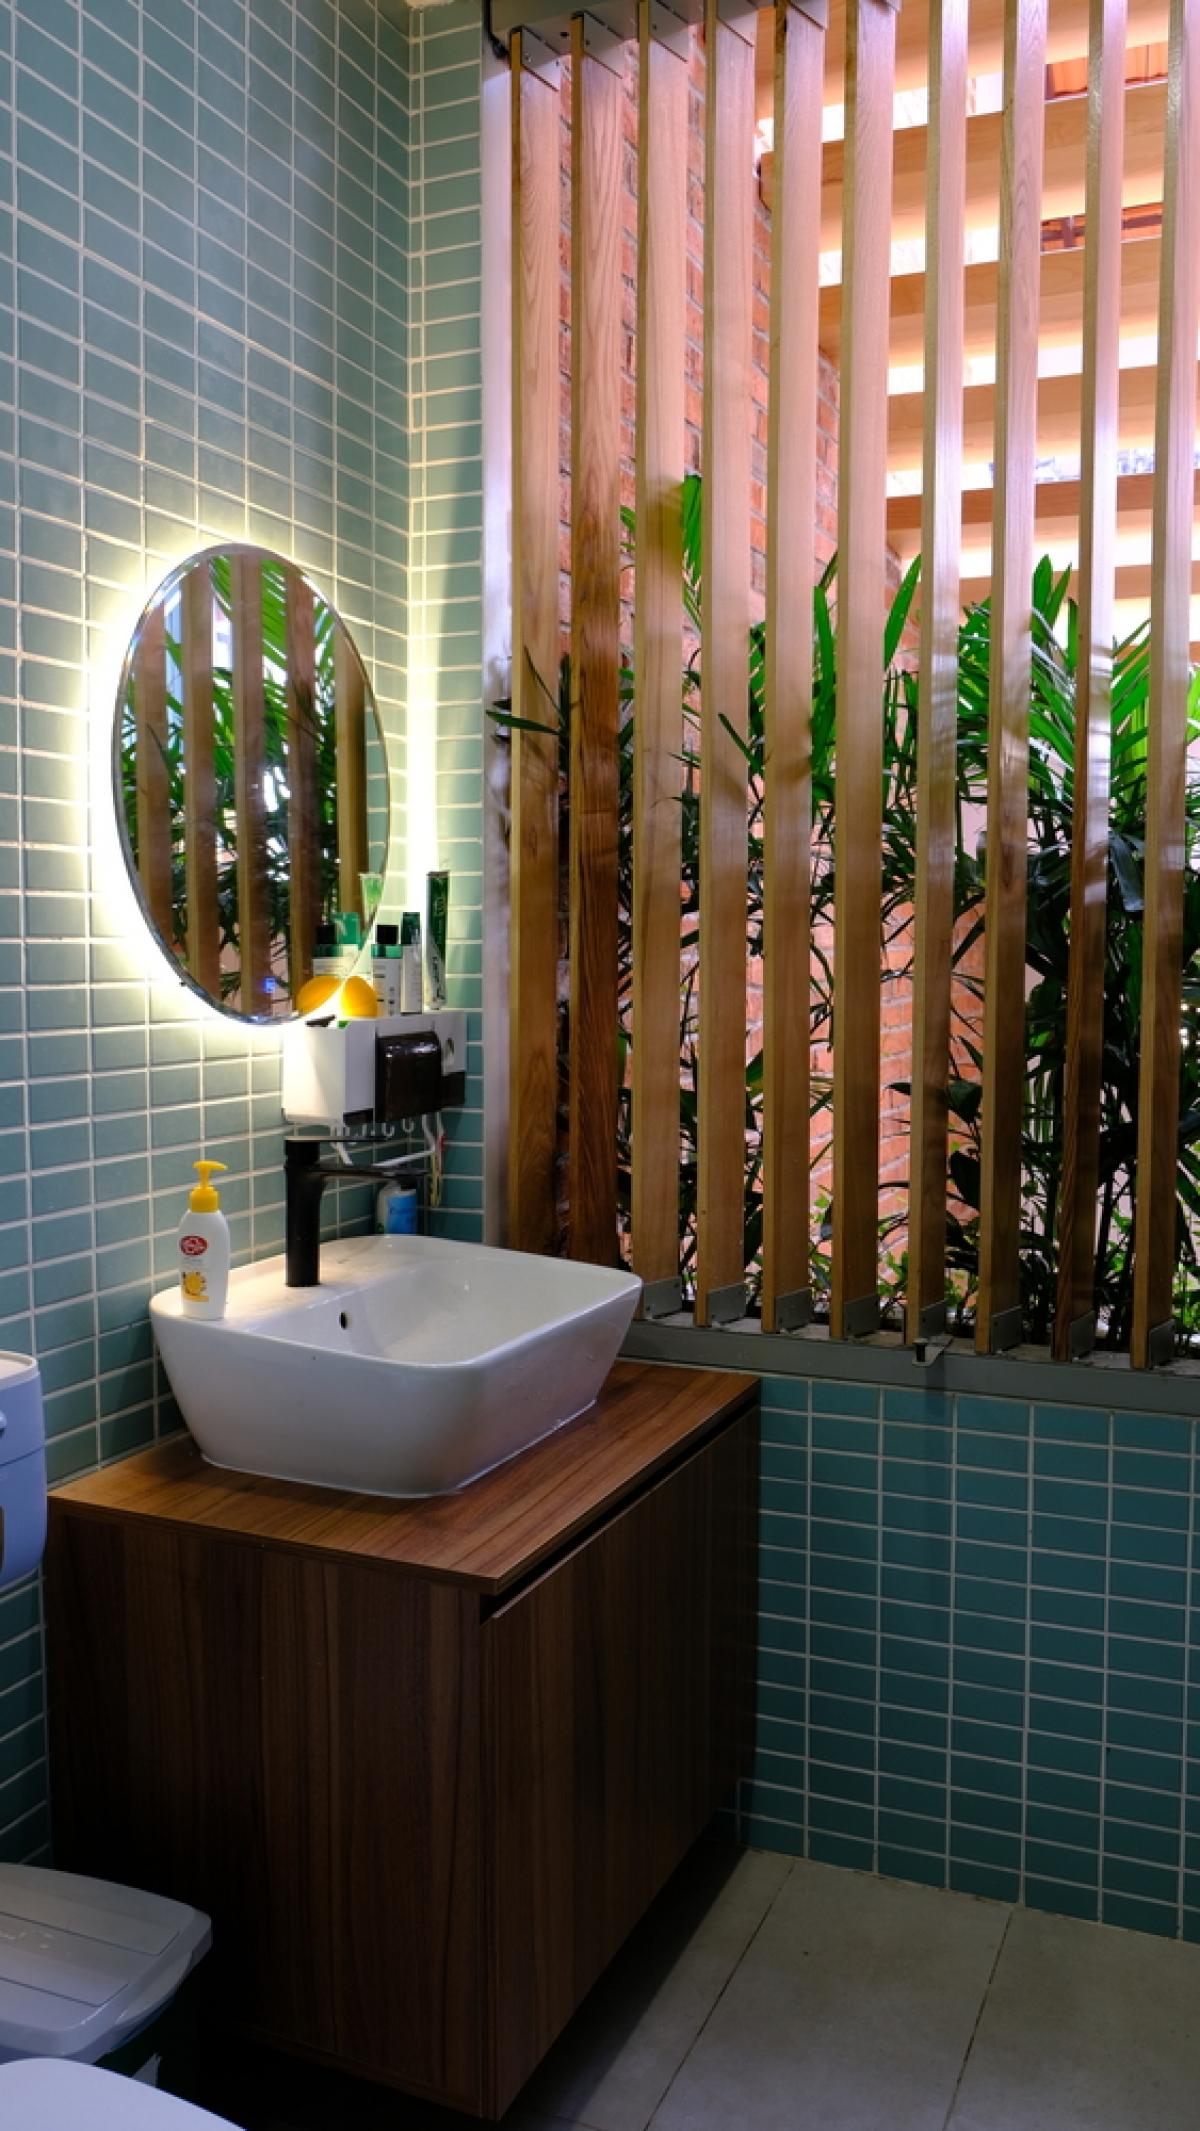 Bồn rửa tay tầng trệt sử dụng đá ốp màu xanh mang đến cảm giác mát mẻ.